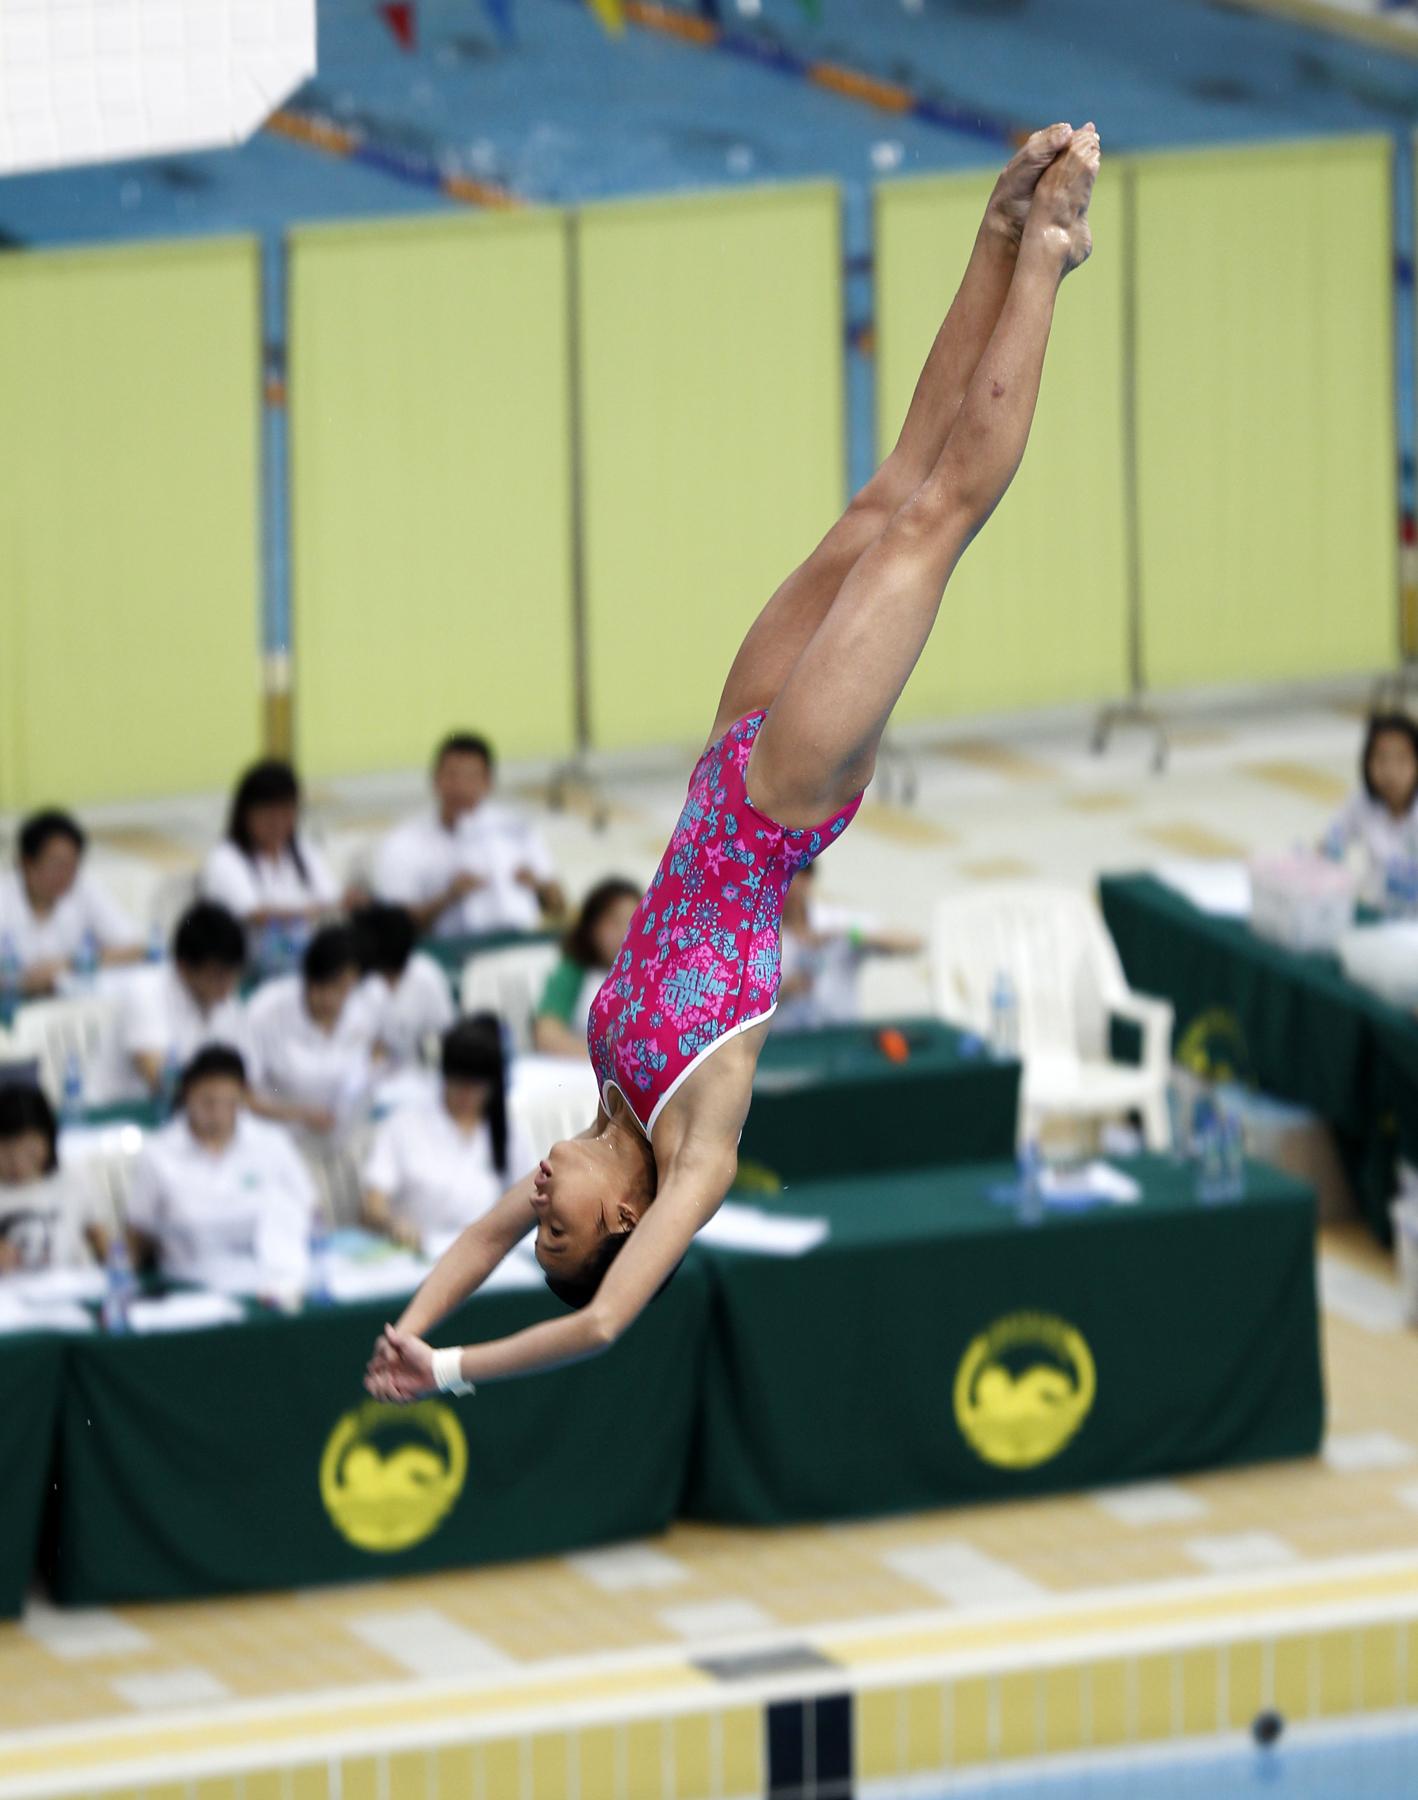 新加坡運動員於女子B組跳台比賽中